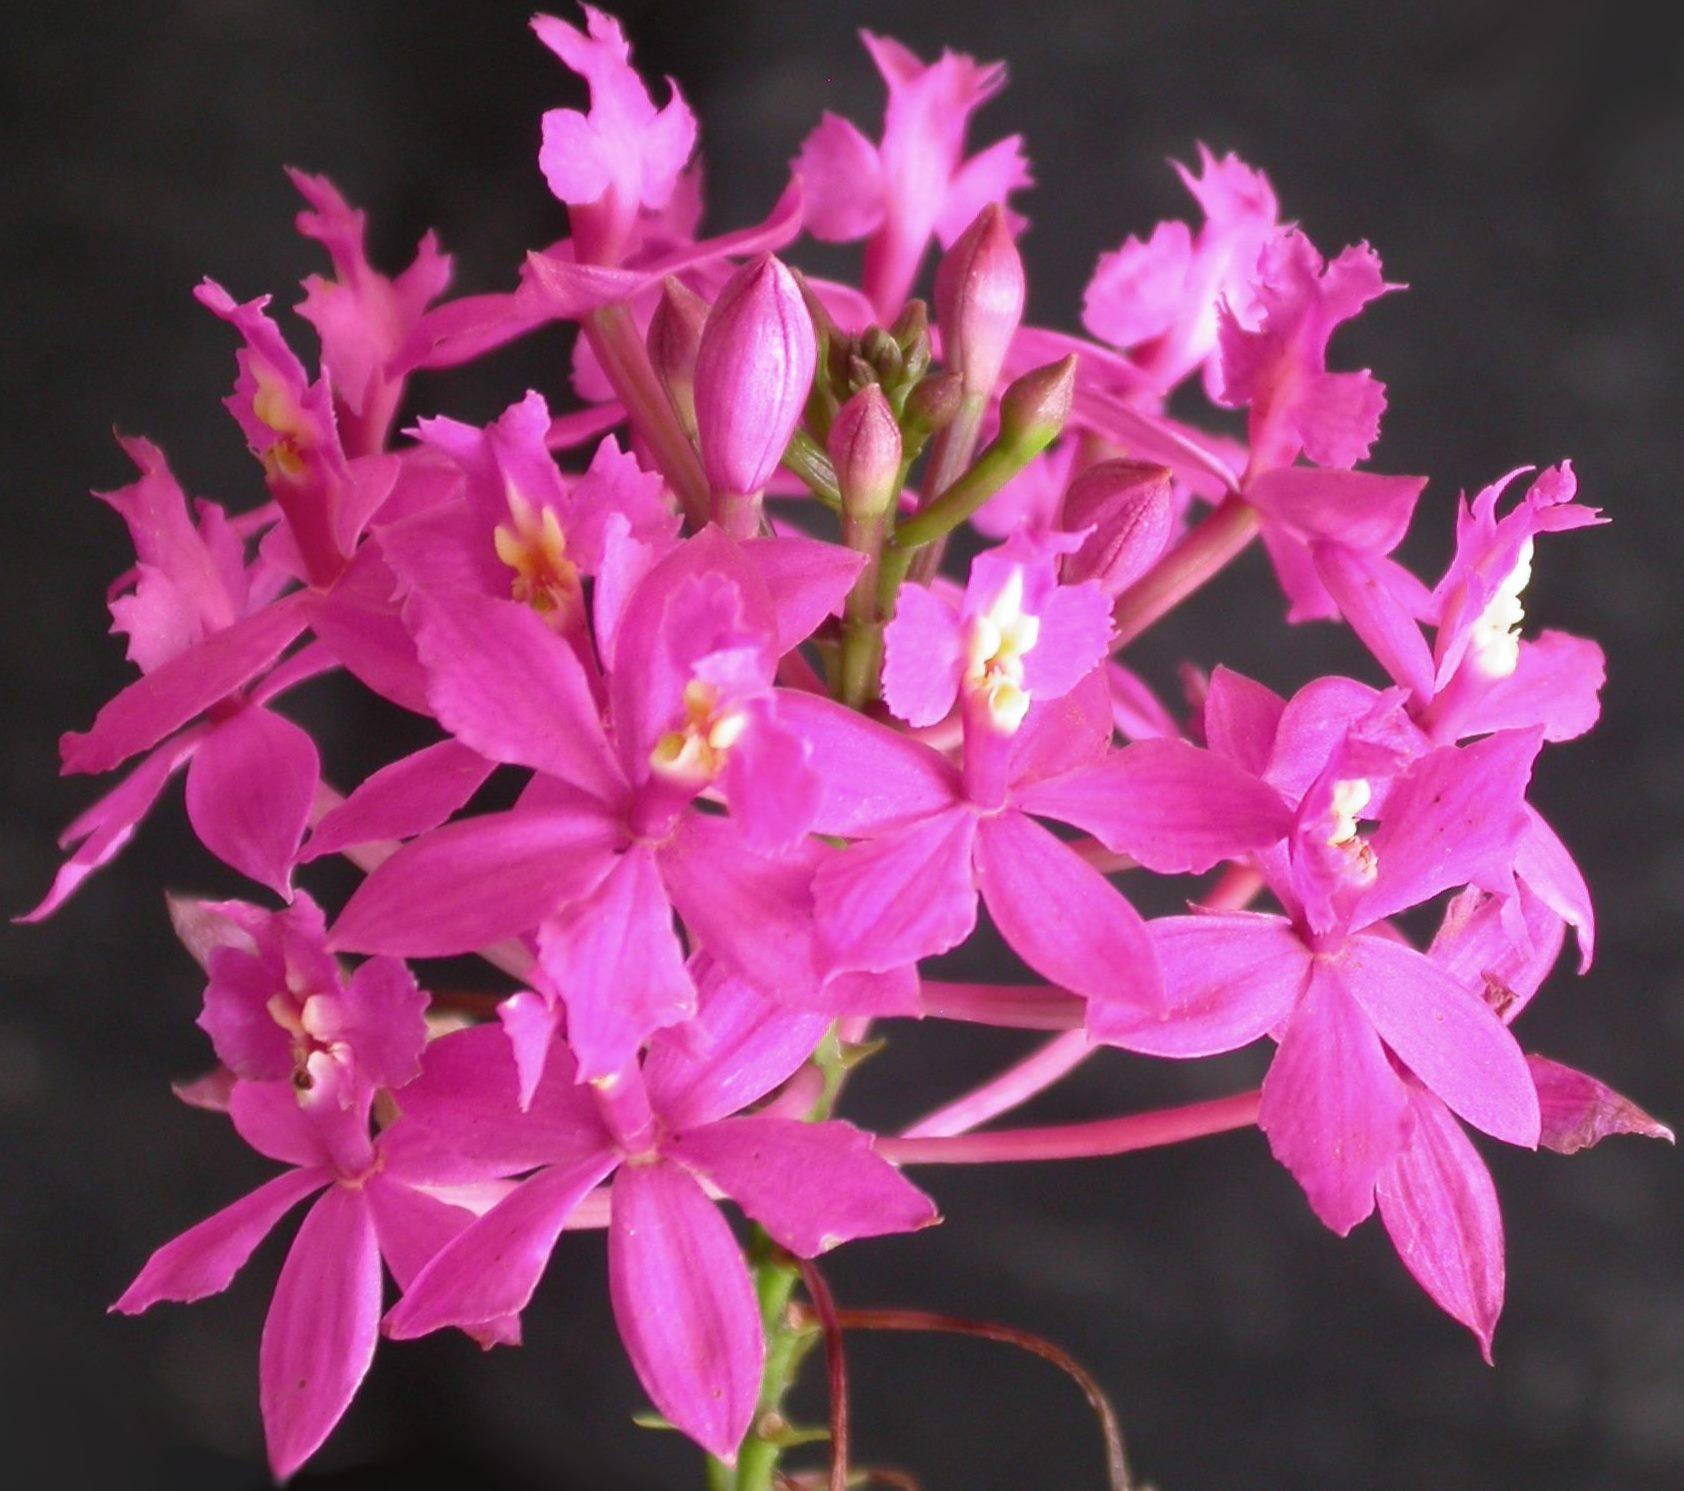 Epidendrum_denticulatum_